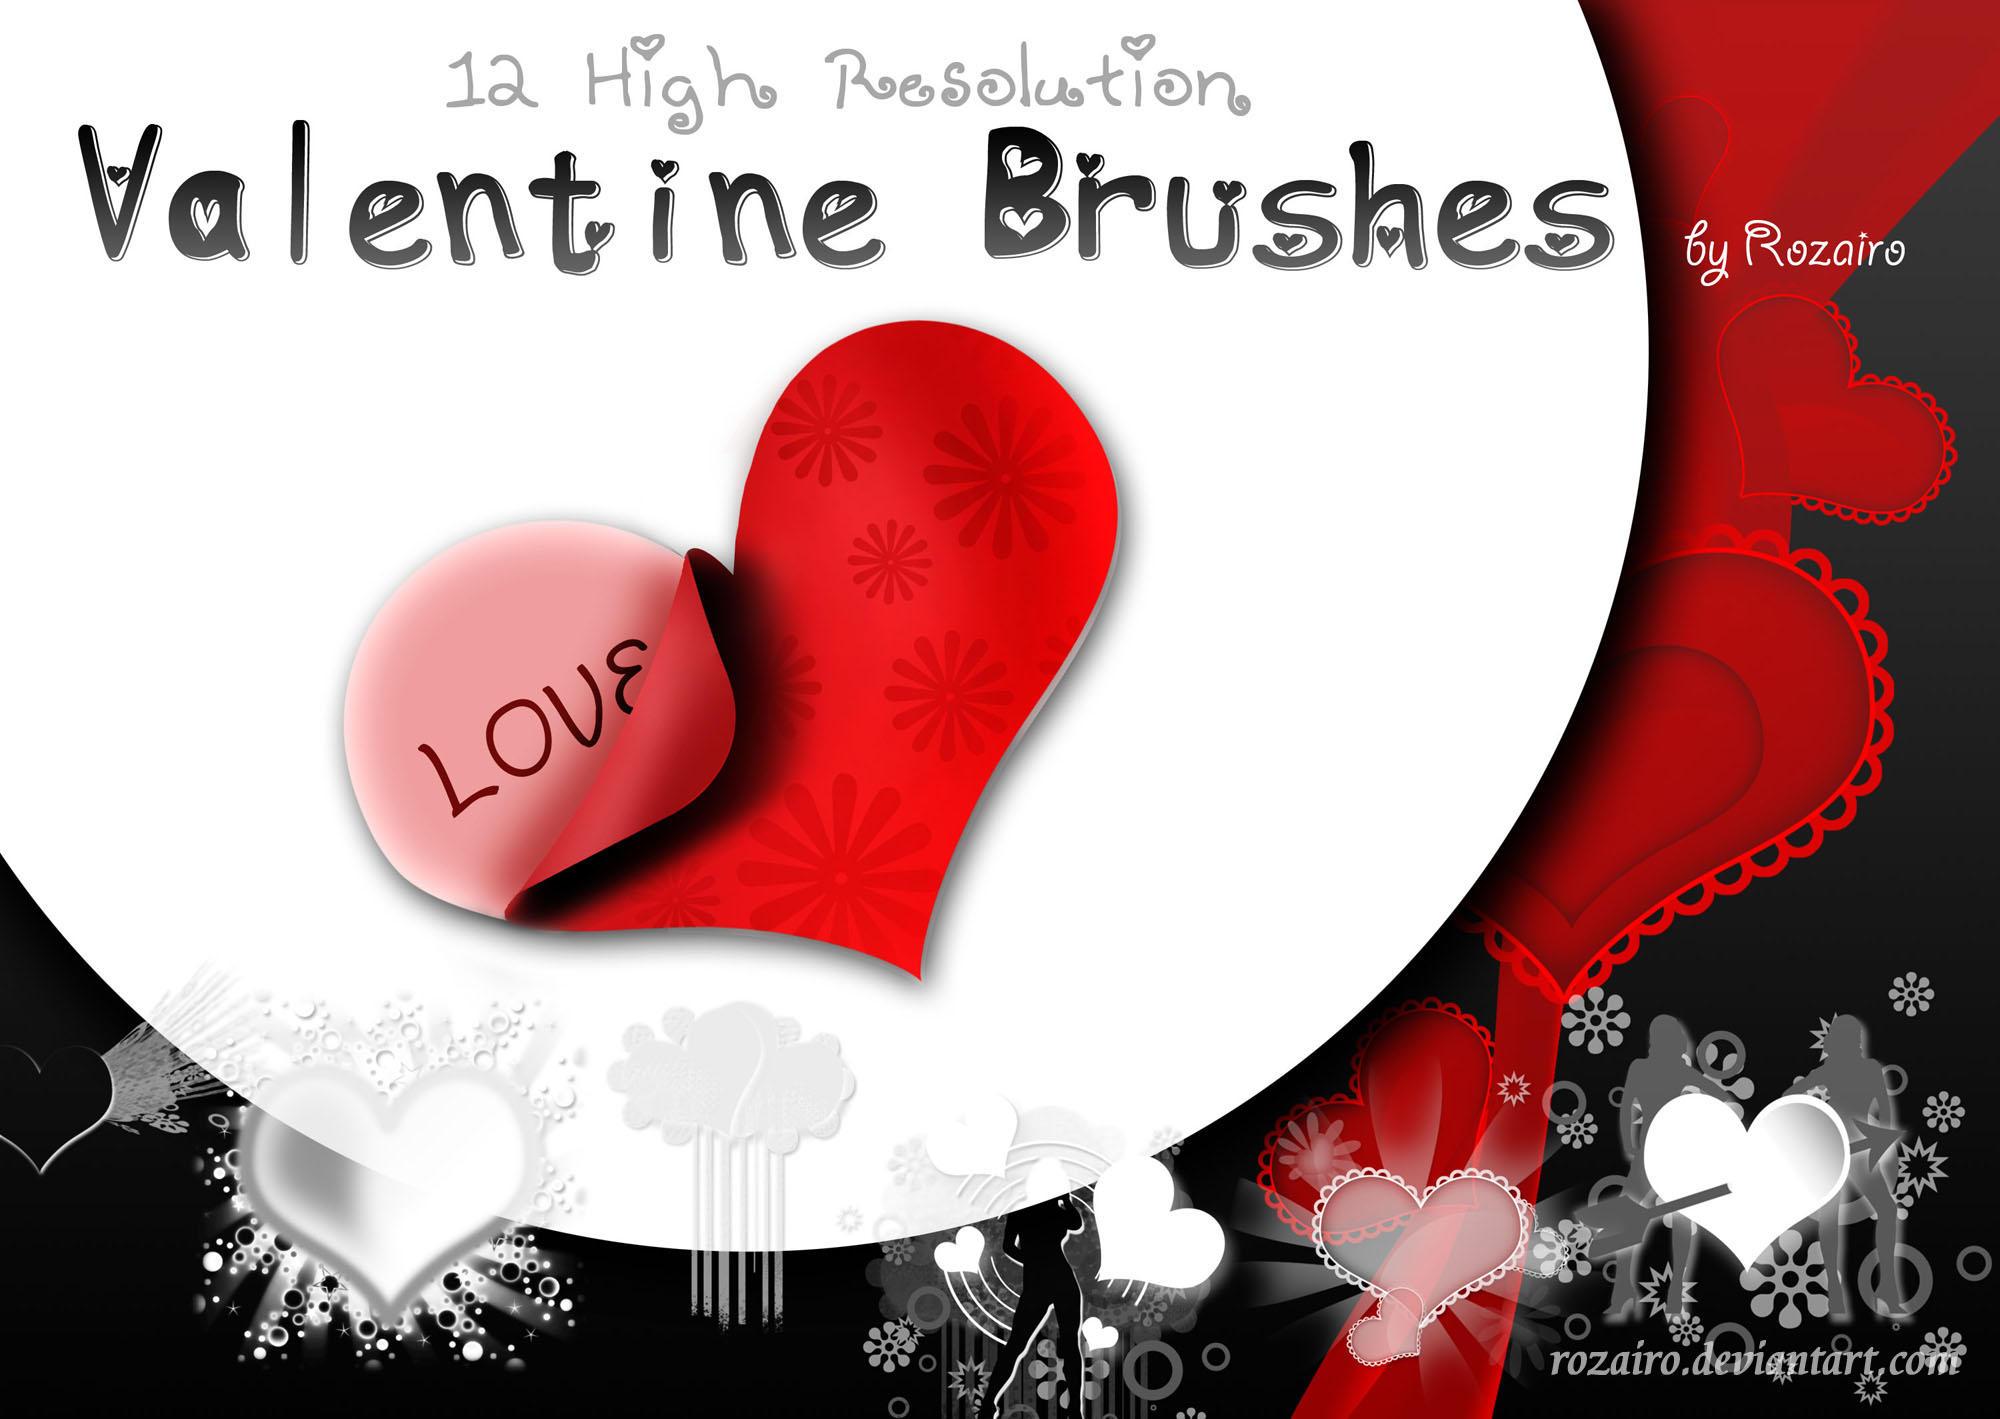 Valentine Brush by Rozairo